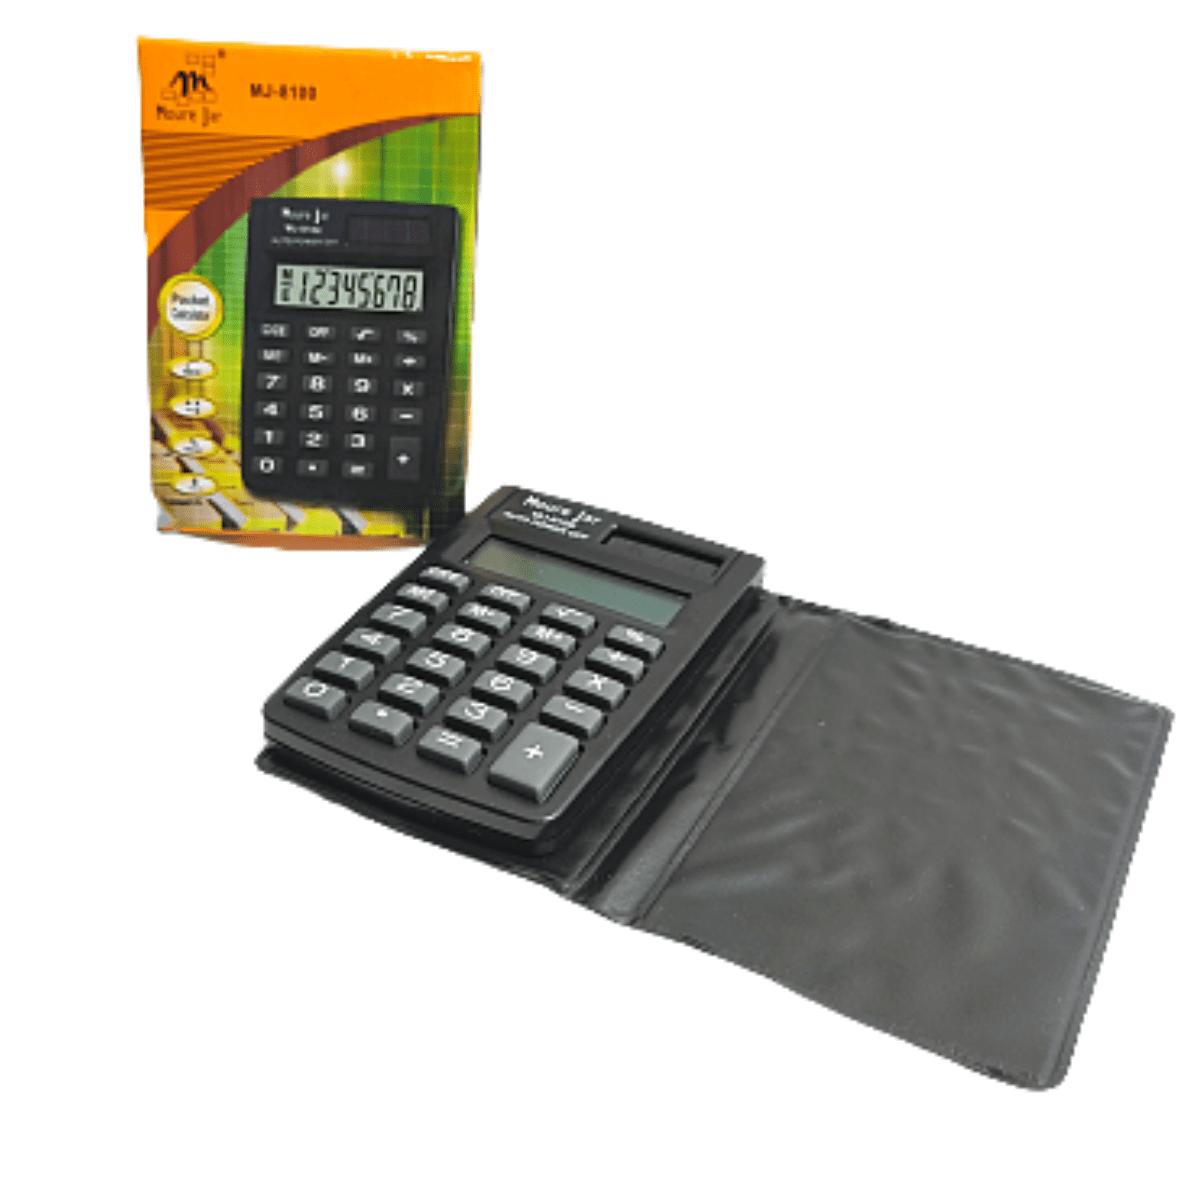 Mini calculadora Portátil Eletrônica com Capa 8 dígitos  M J - 8100